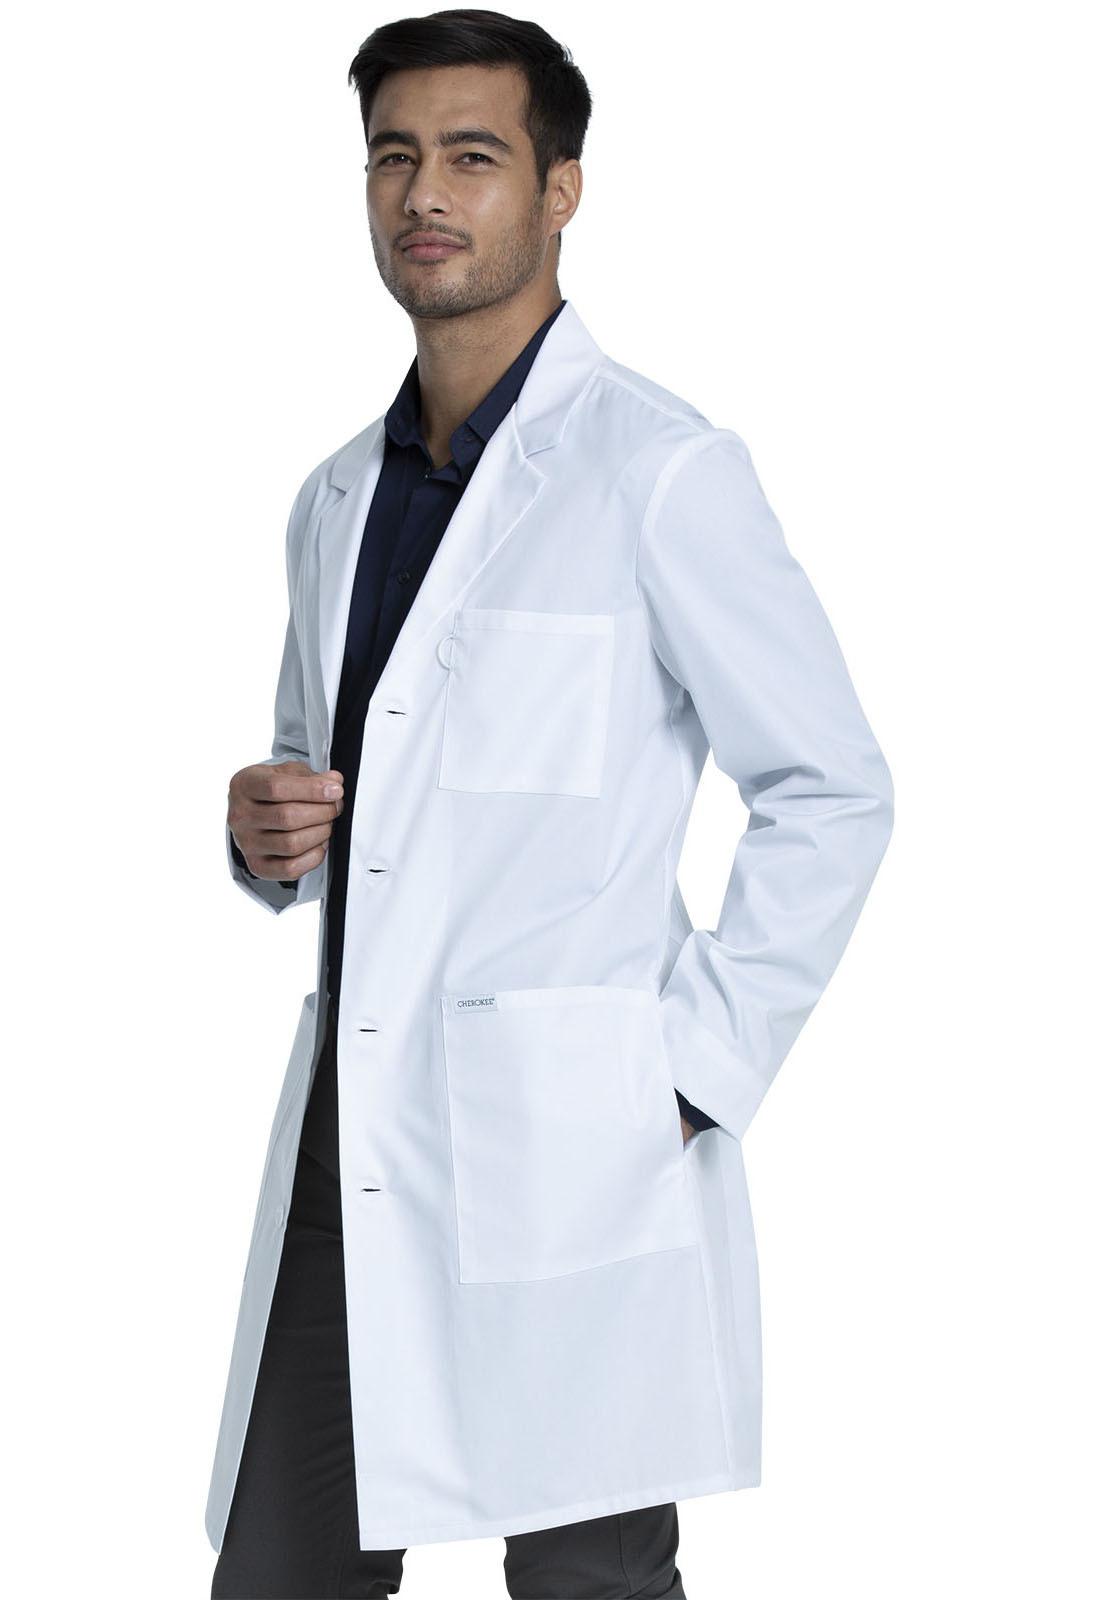 Медицинский халат унисекс на высокий рост Cherokee